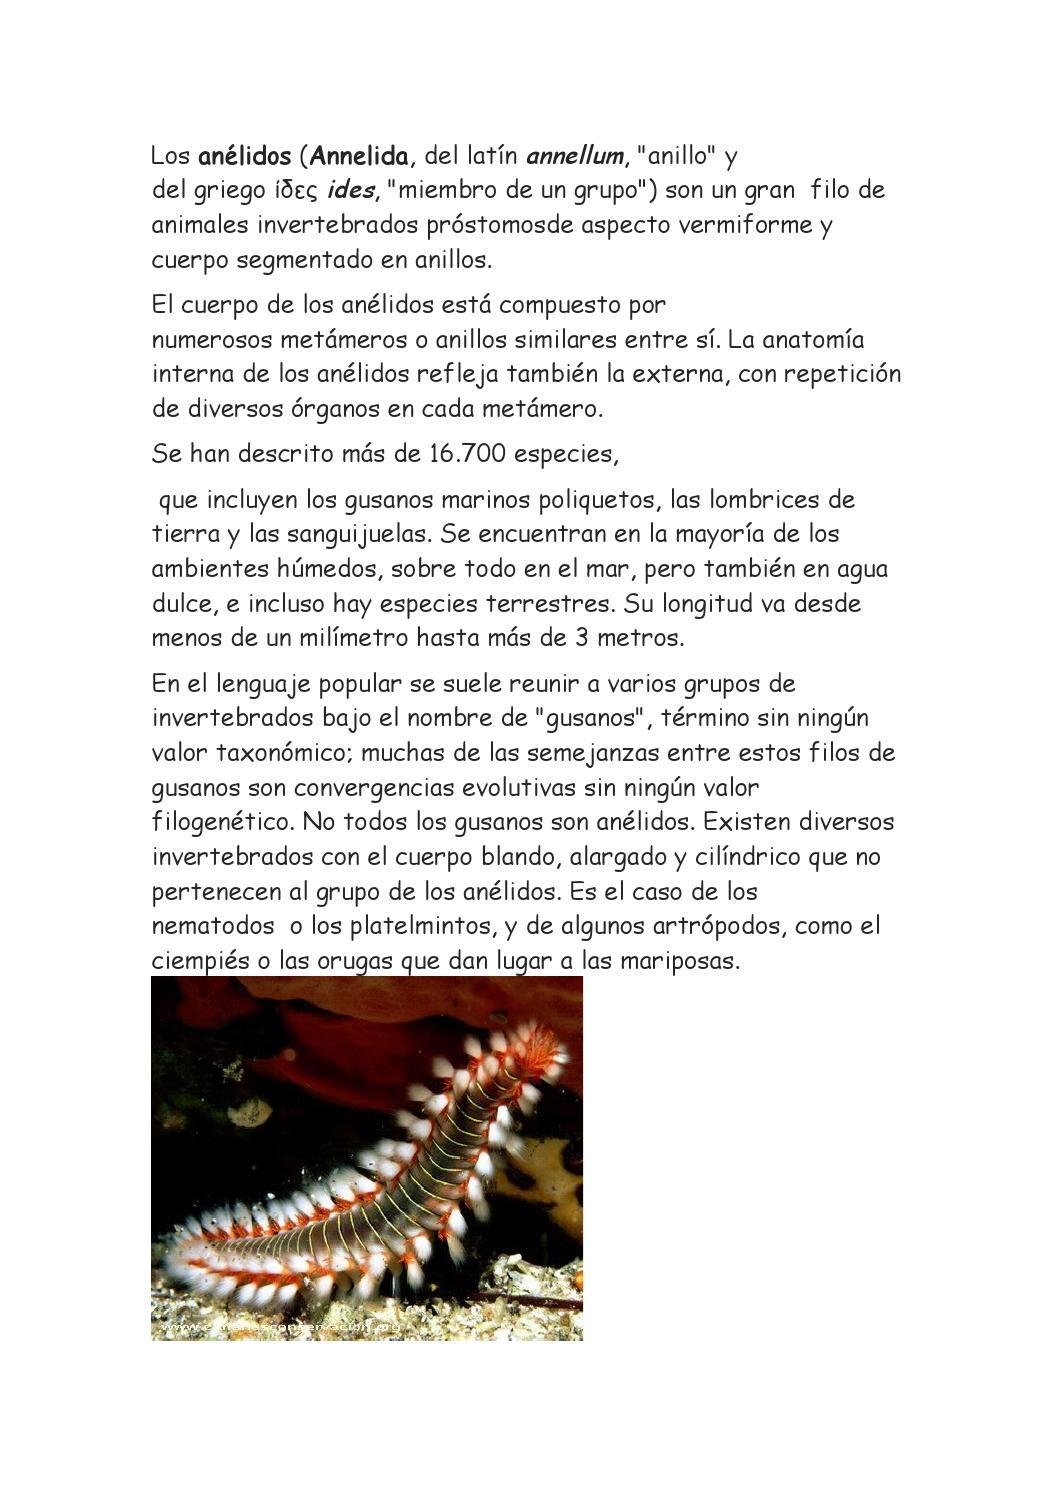 Los anelidos issuu by danielovich 10 - issuu